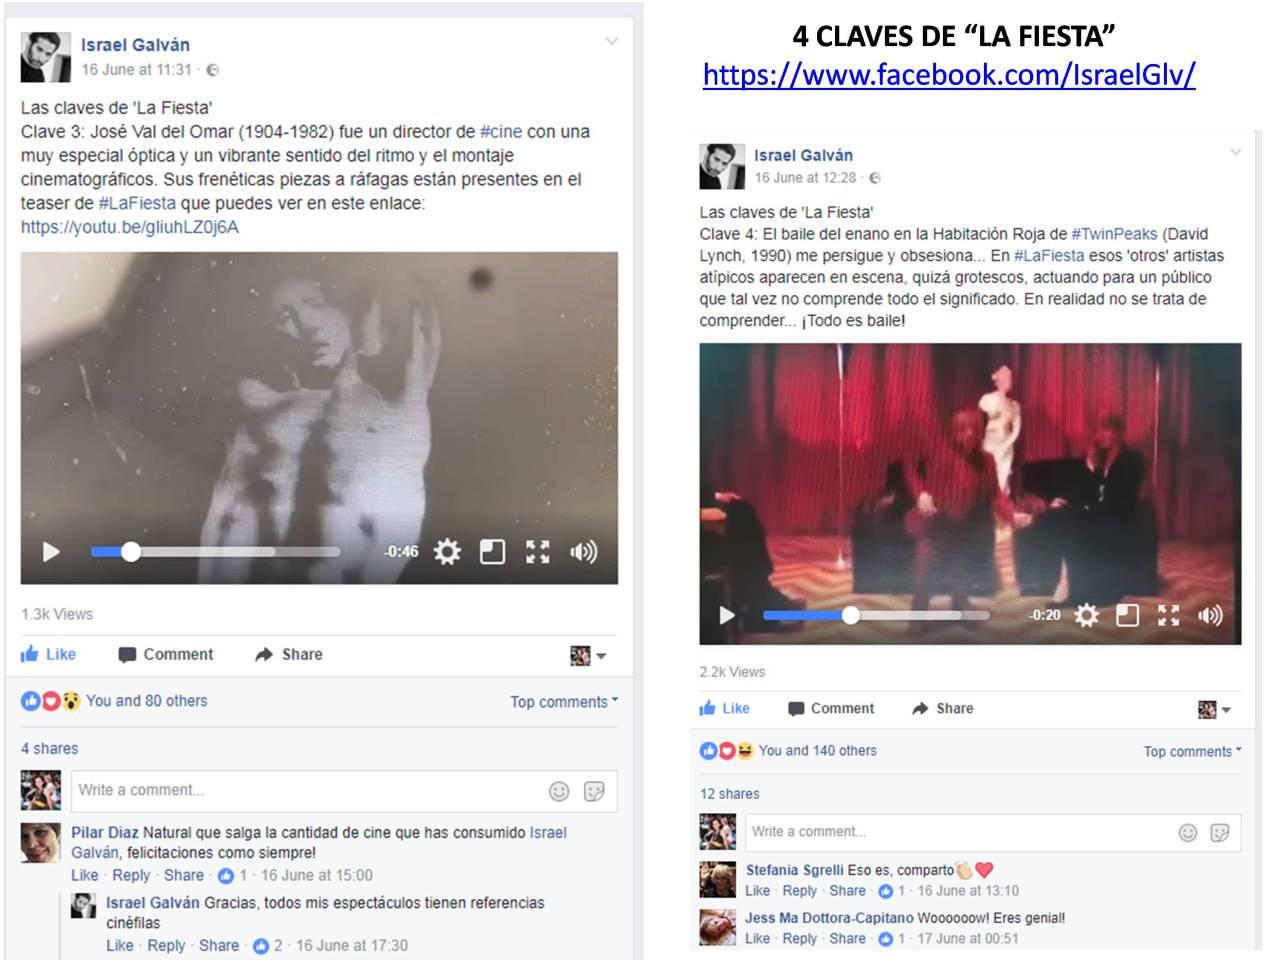 """CLAVES 3 y 4 de """"LA FIESTA"""" de Israel Galván publicadas en su página facebook"""